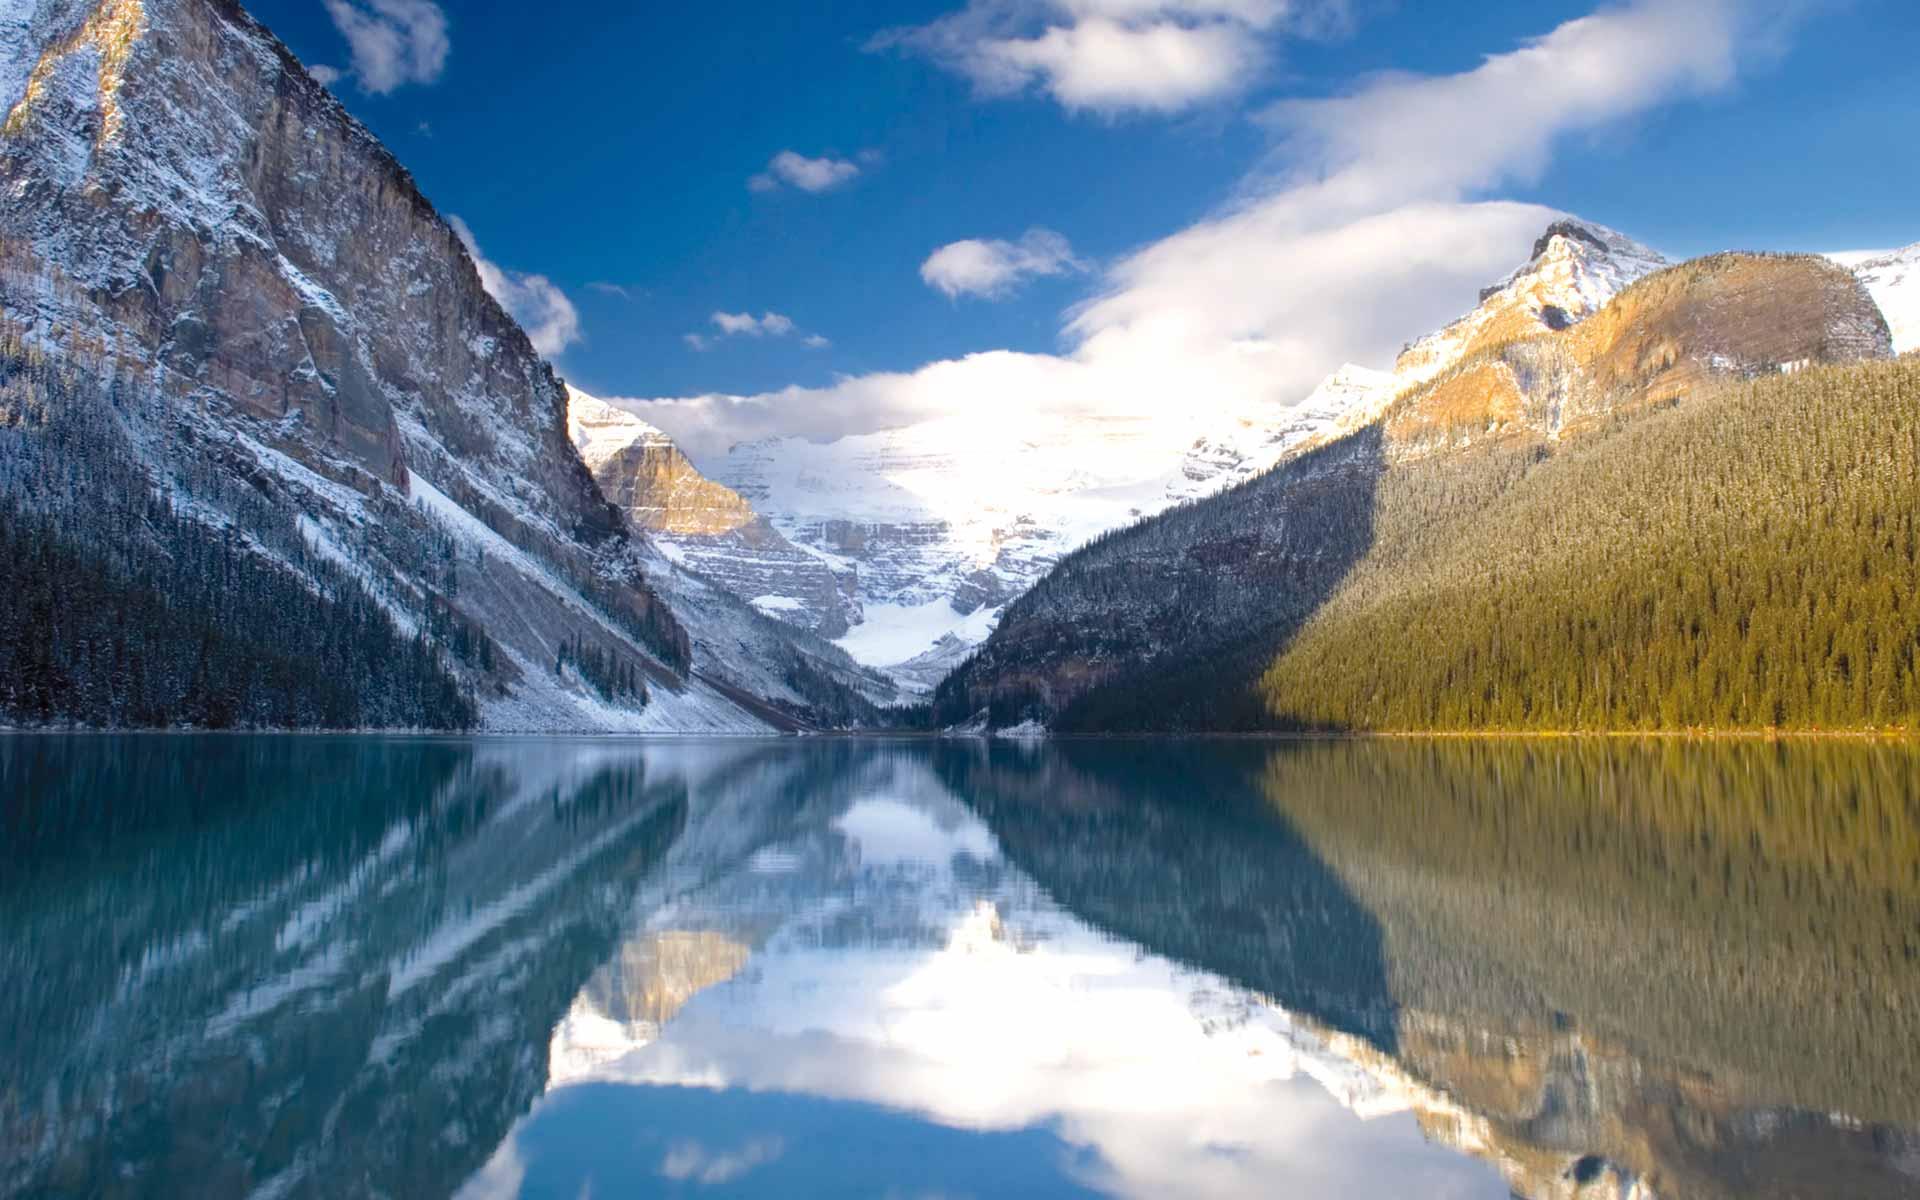 Die legendäre Route durch den Westen Kanadas